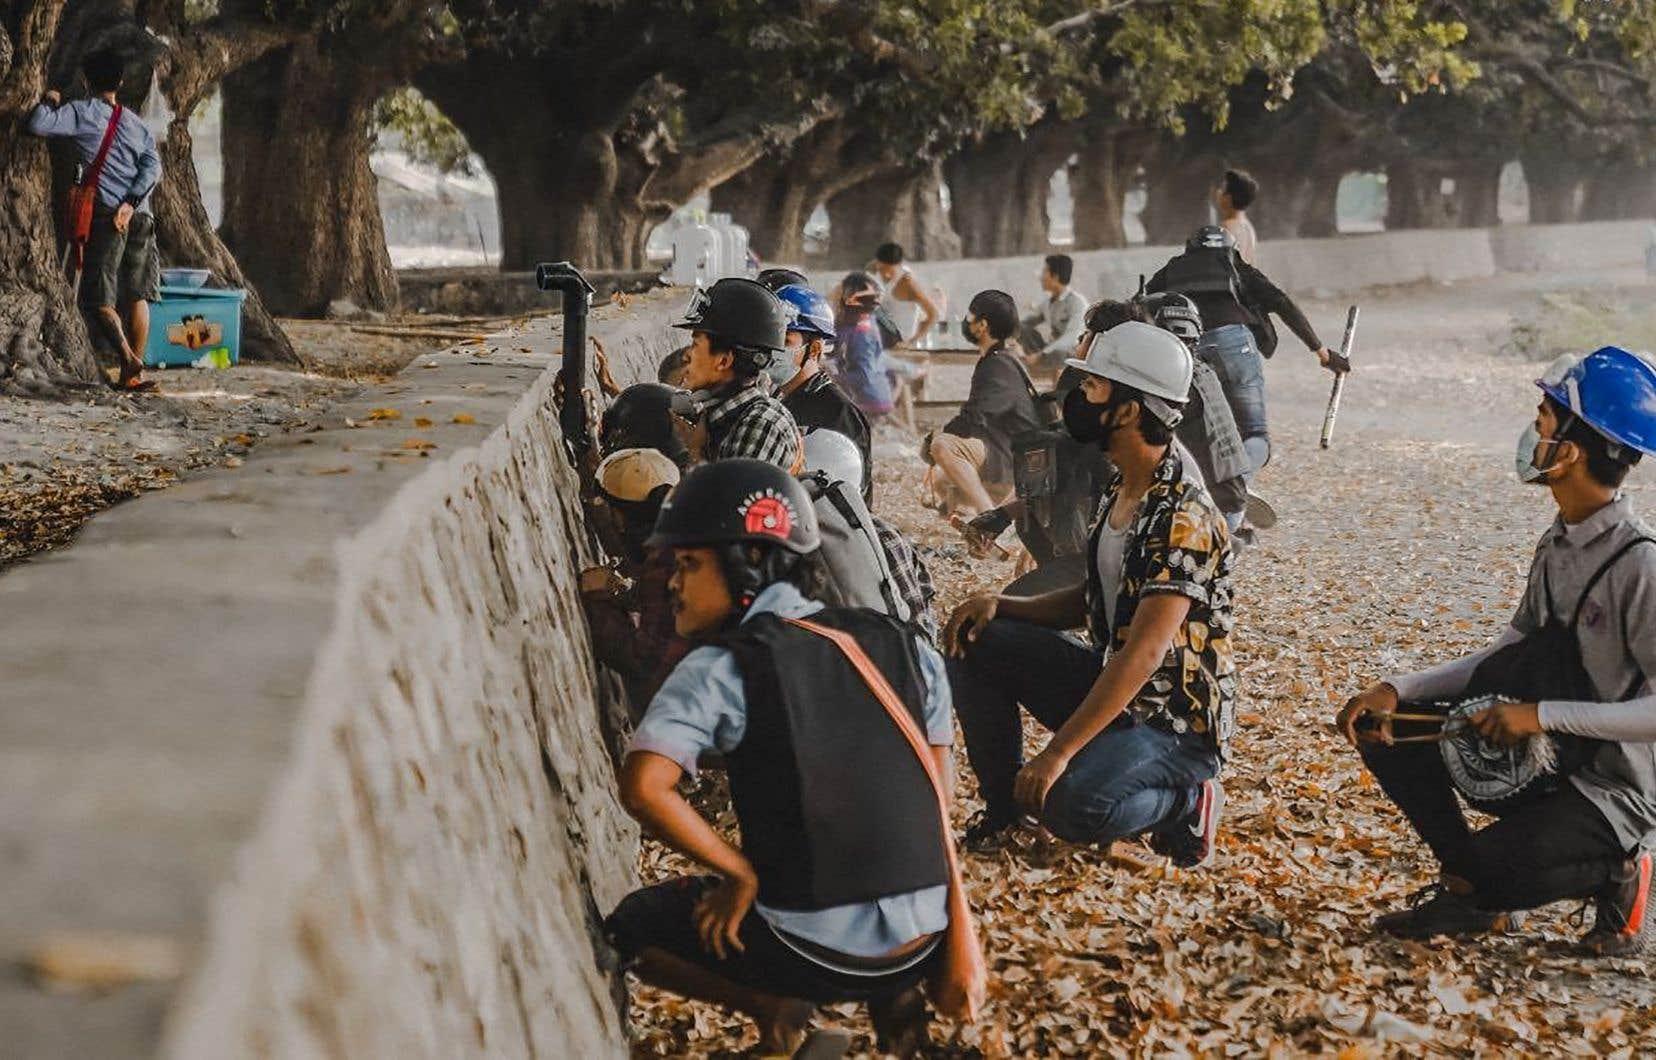 Plus de 550 civils sont tombés sous les balles des forces de sécurité ces deux derniers mois, d'après l'Association d'assistance aux prisonniers politiques (AAPP).